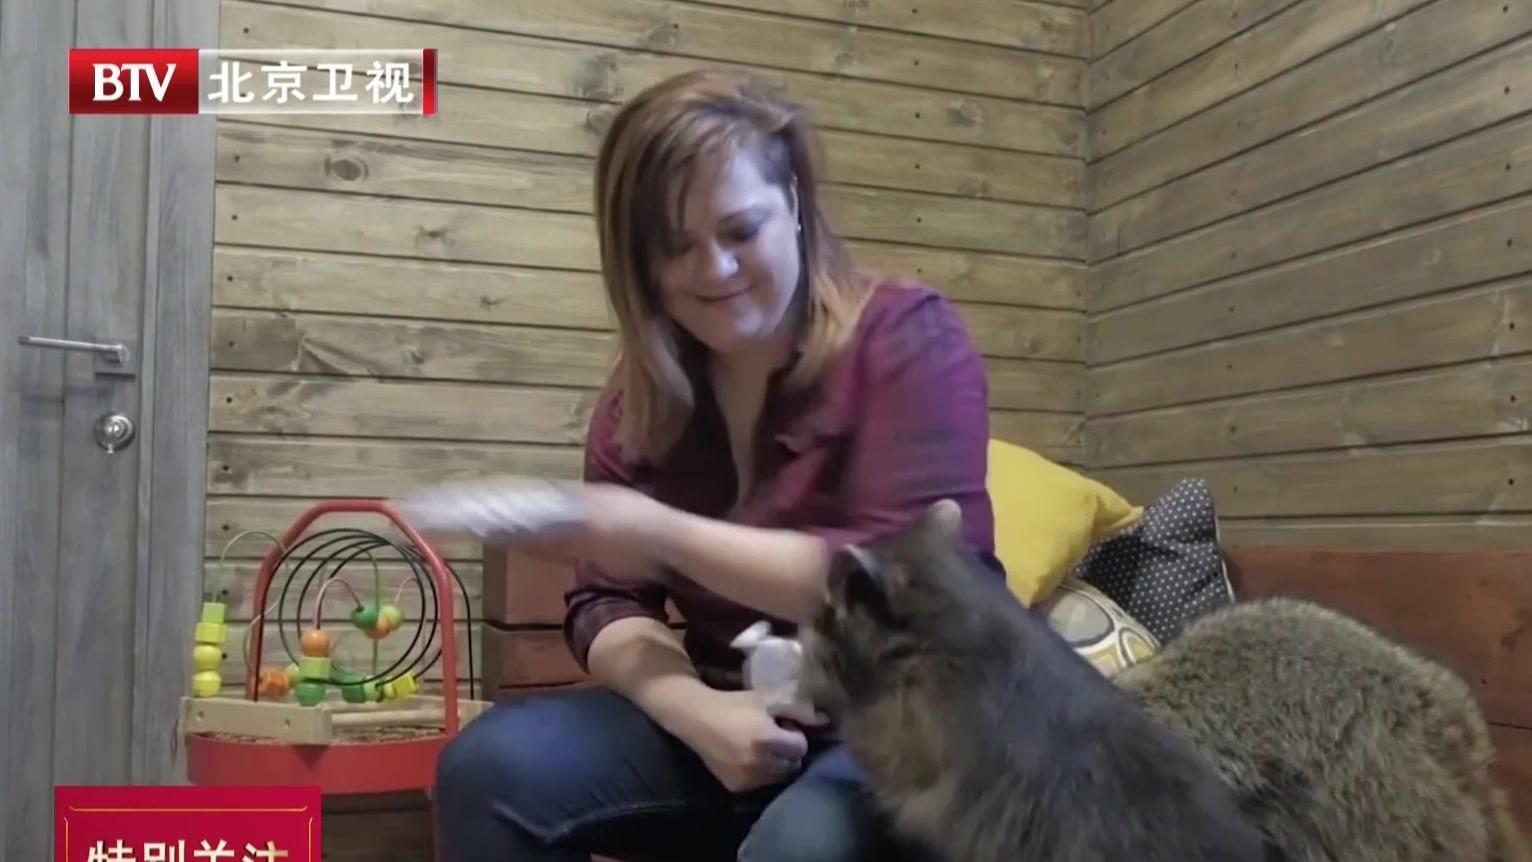 俄罗斯浣熊主题咖啡厅:小浣熊软萌惹人爱